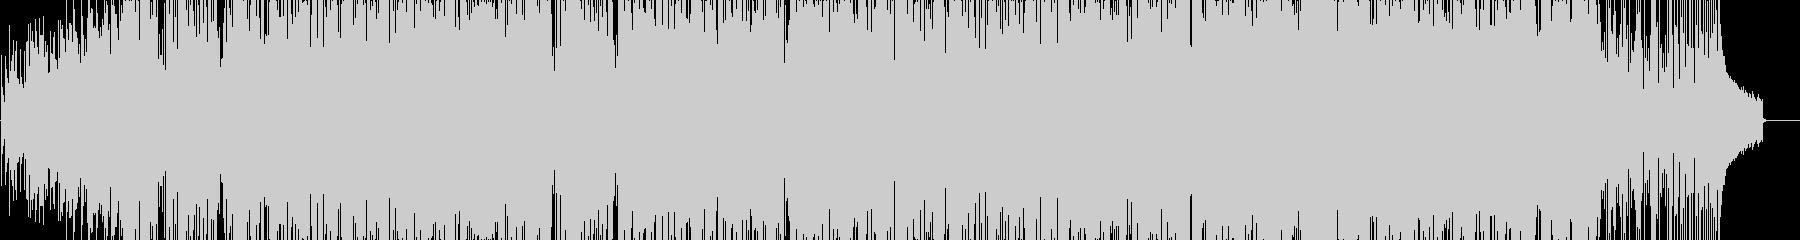 軽快なピアノを基調にしたポップスの未再生の波形